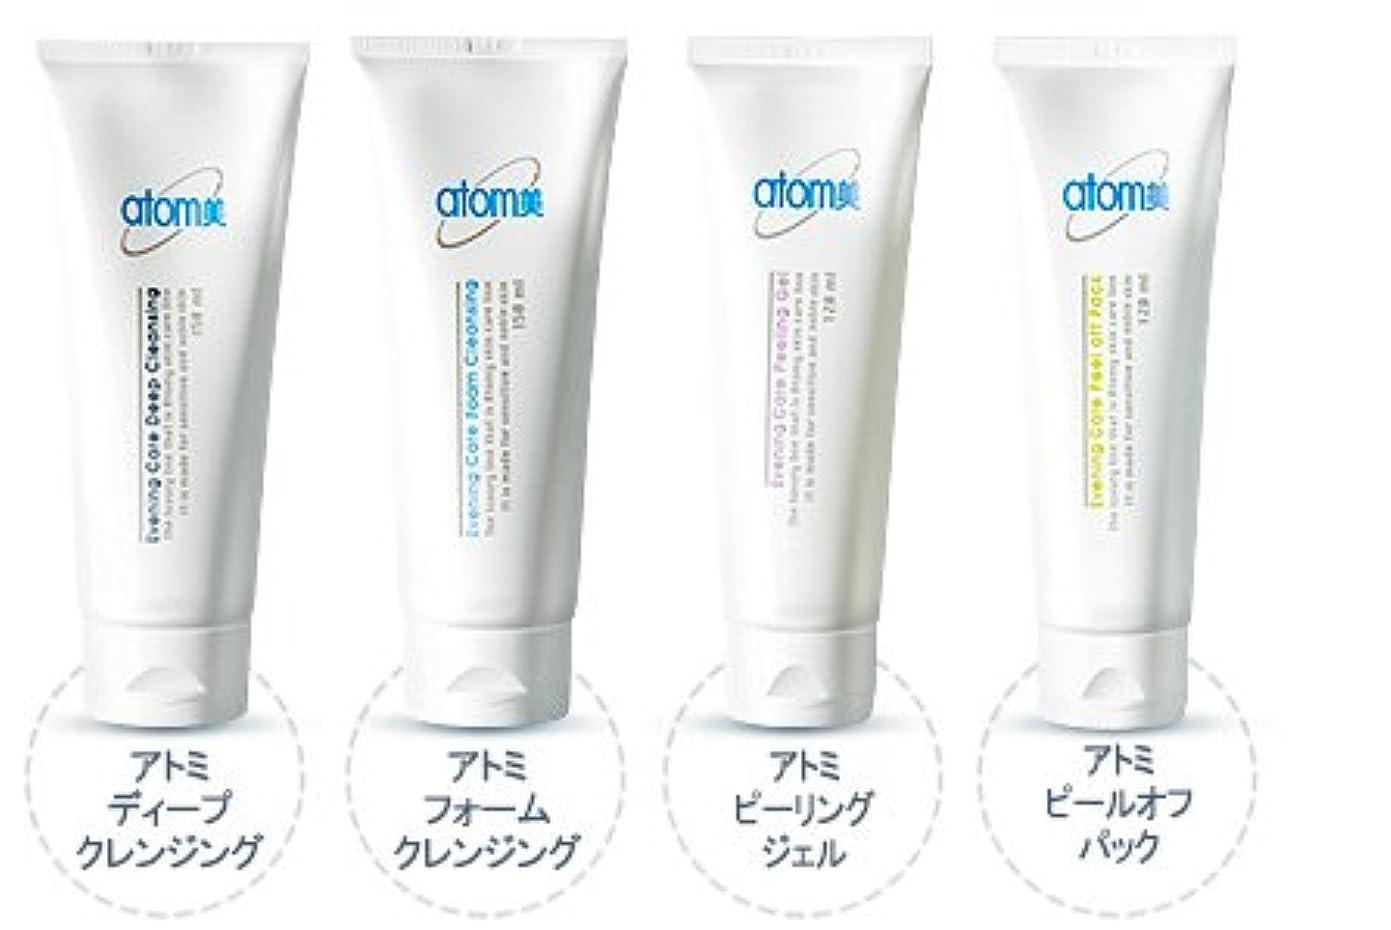 費やすナインへ建築家Atomi Atomy Atom美 アトミ アトミイブニングケア4種セット